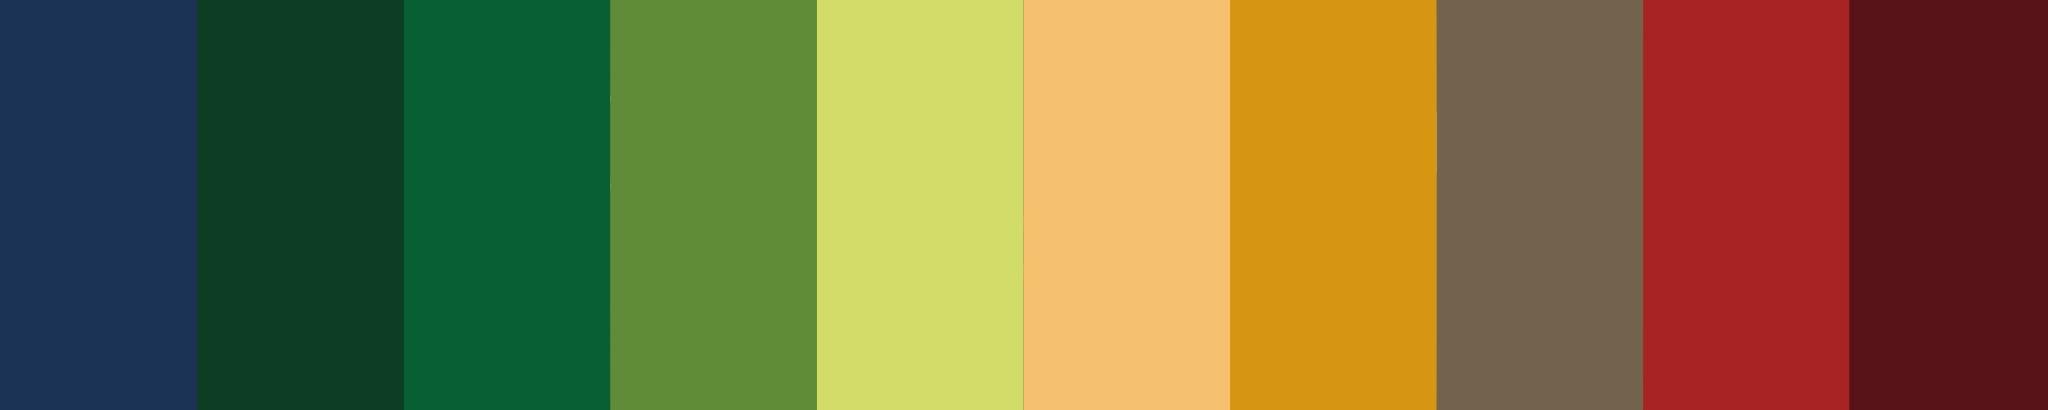 kleurenlijn_luxury-nature